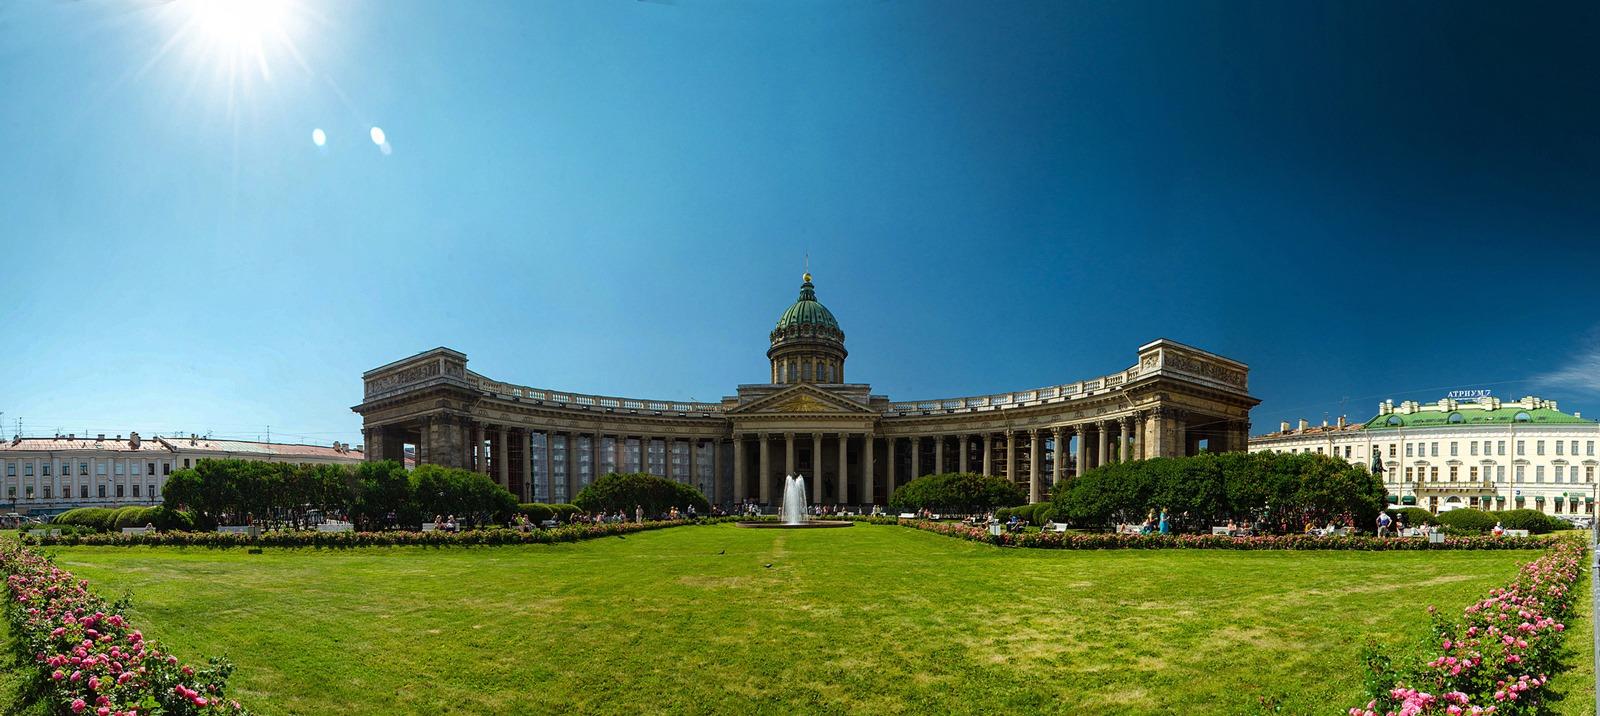 «Первомай в Петербурге» туры 3-5 дней (с 1, 2 и 3 мая)